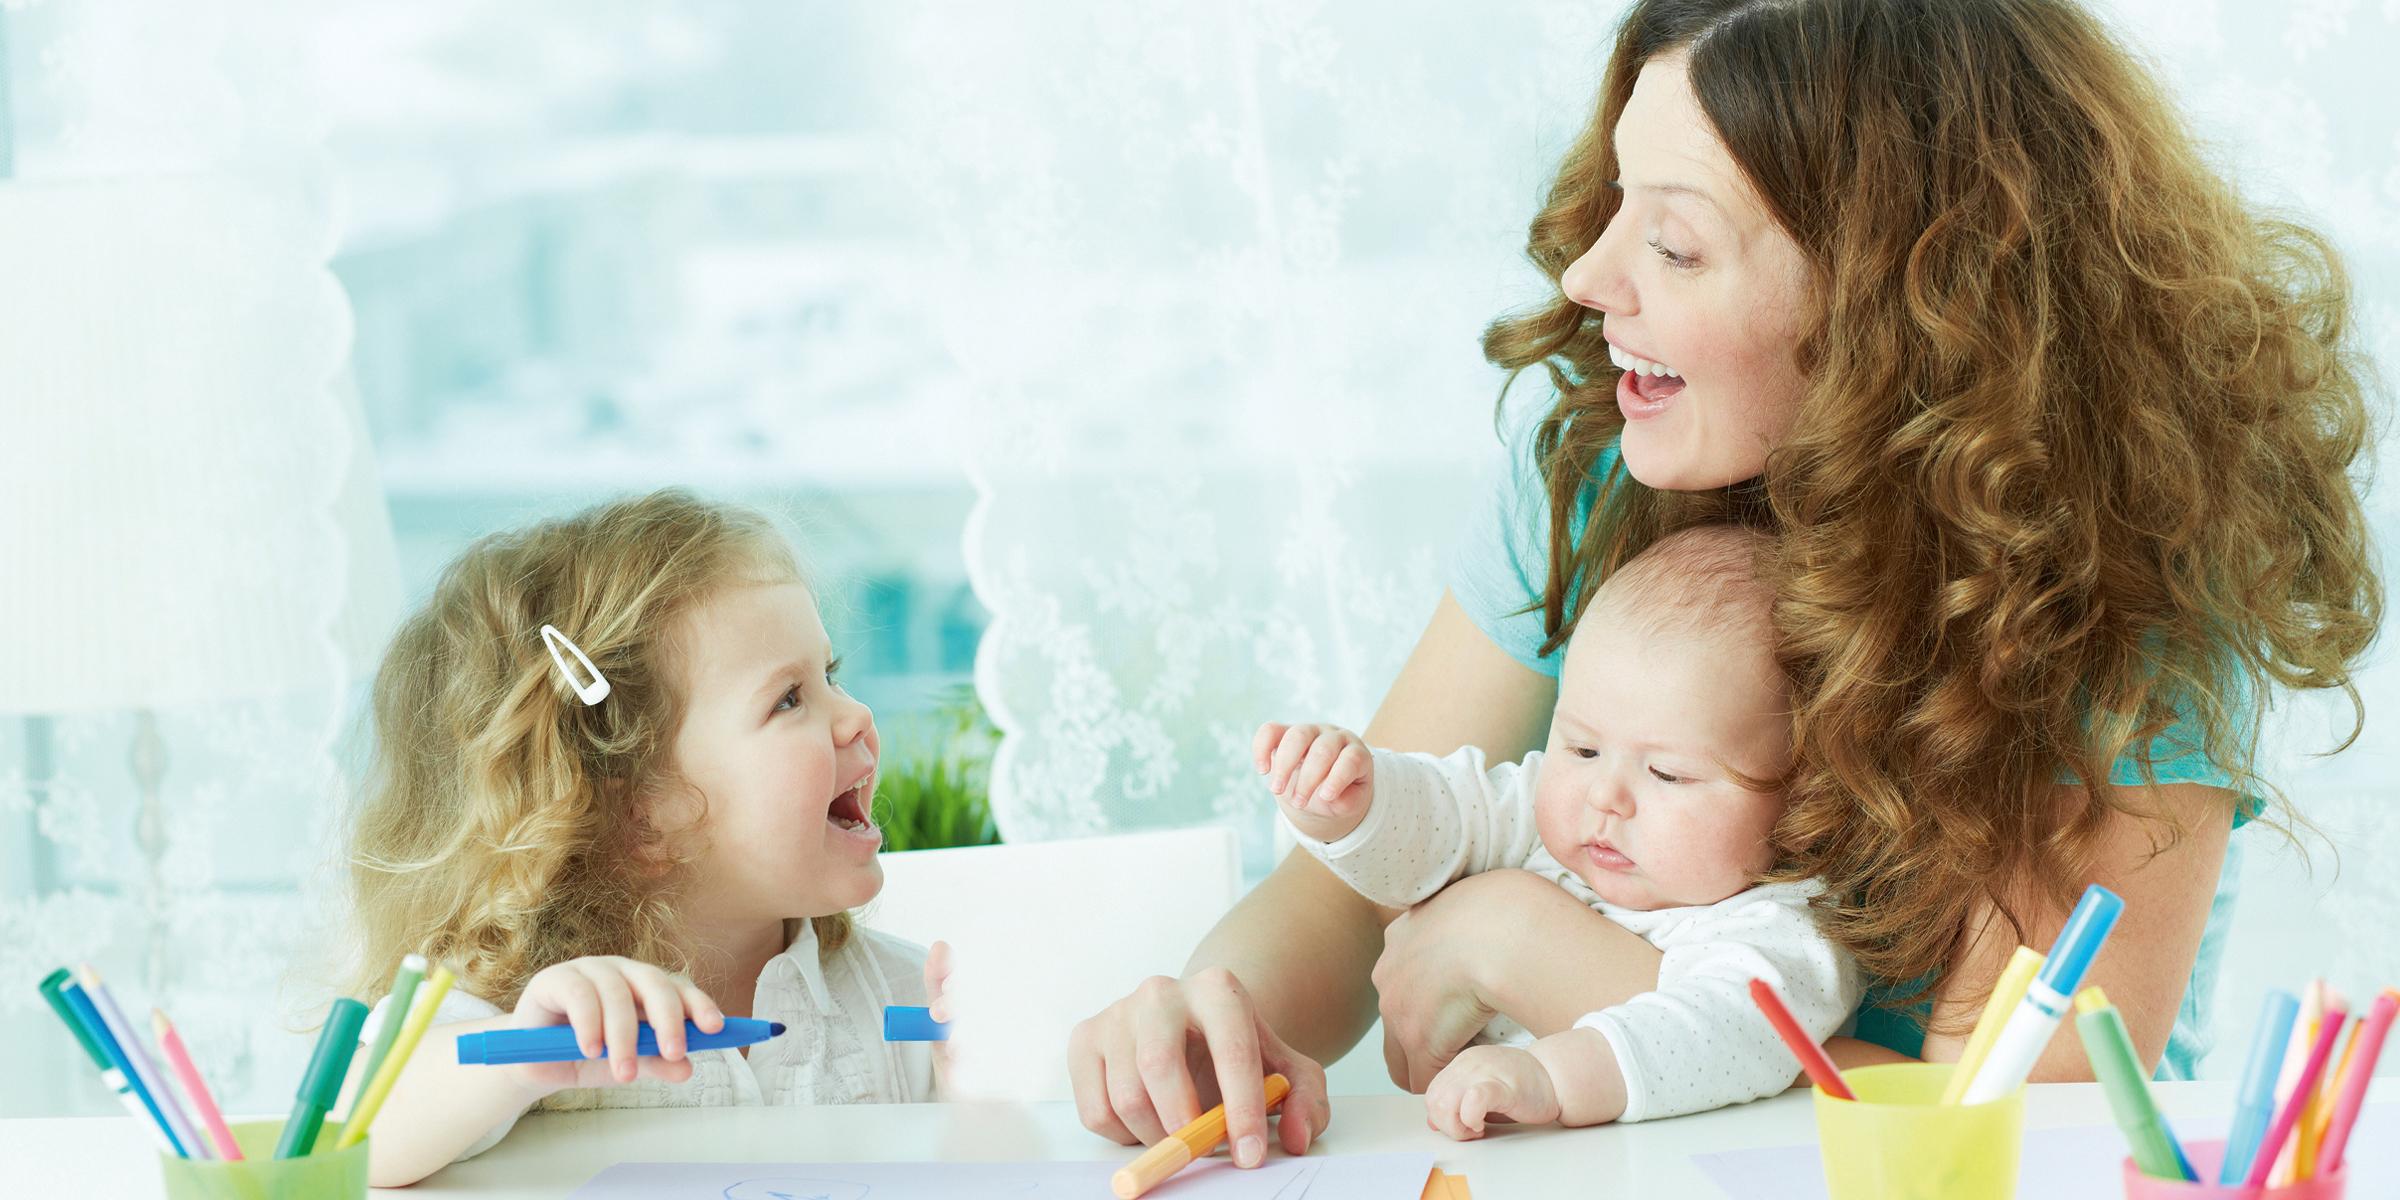 Frau mit Baby auf dem Arm lacht ein zweites Kleinkind an